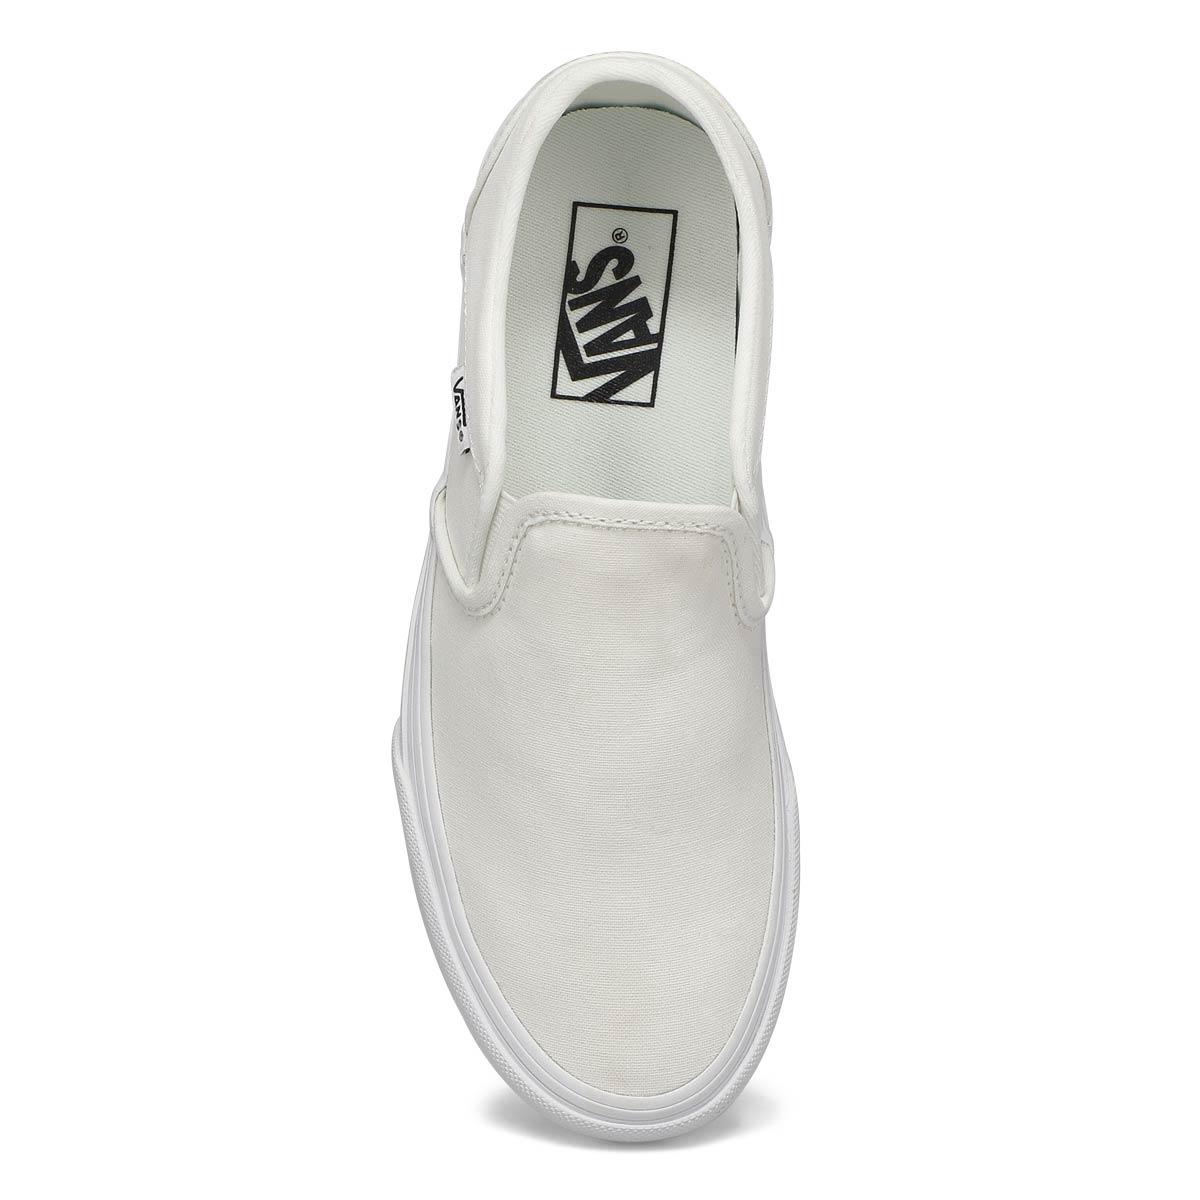 Women's Asher Sneaker - White/White